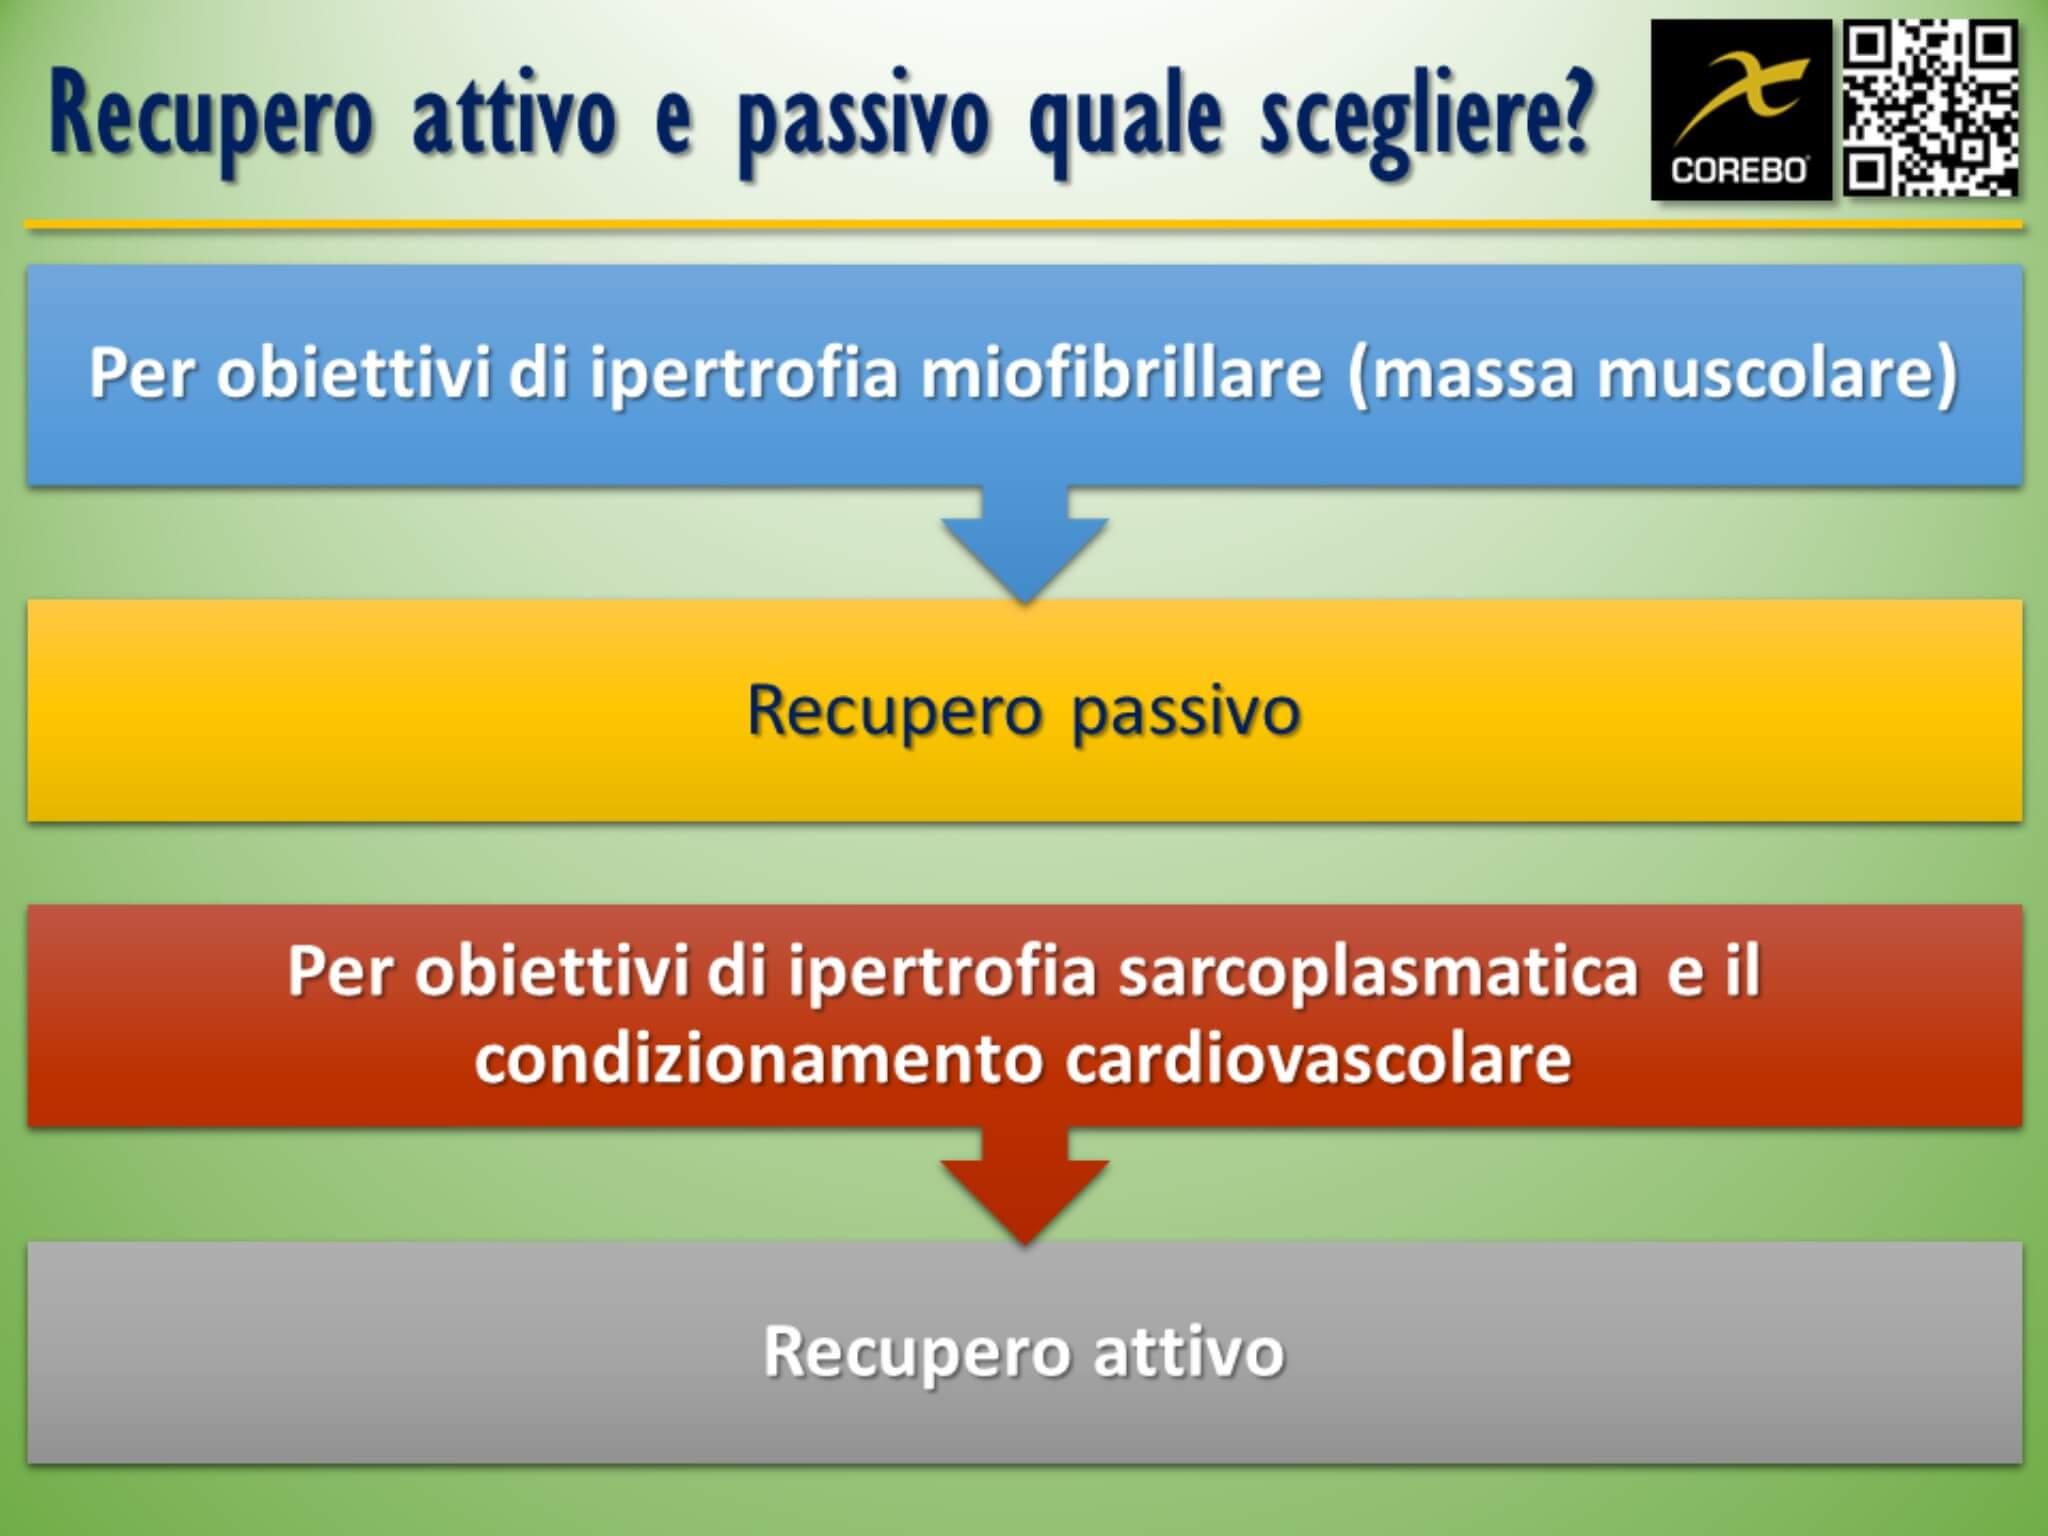 recupero attivo e passivo